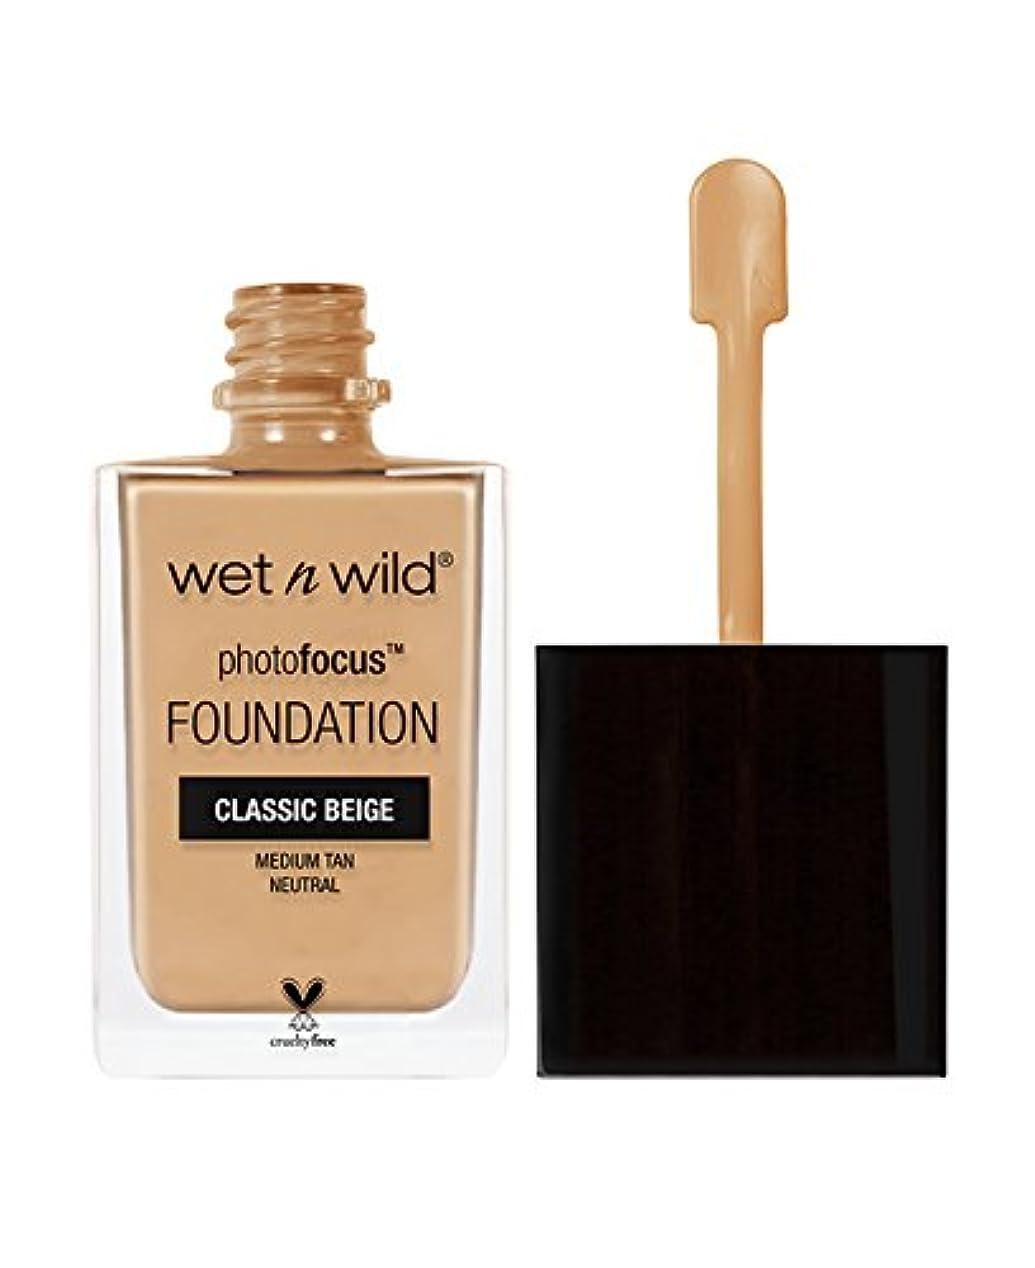 する必要があるケイ素第四WET N WILD Photo Focus Foundation - Classic Beige (並行輸入品)